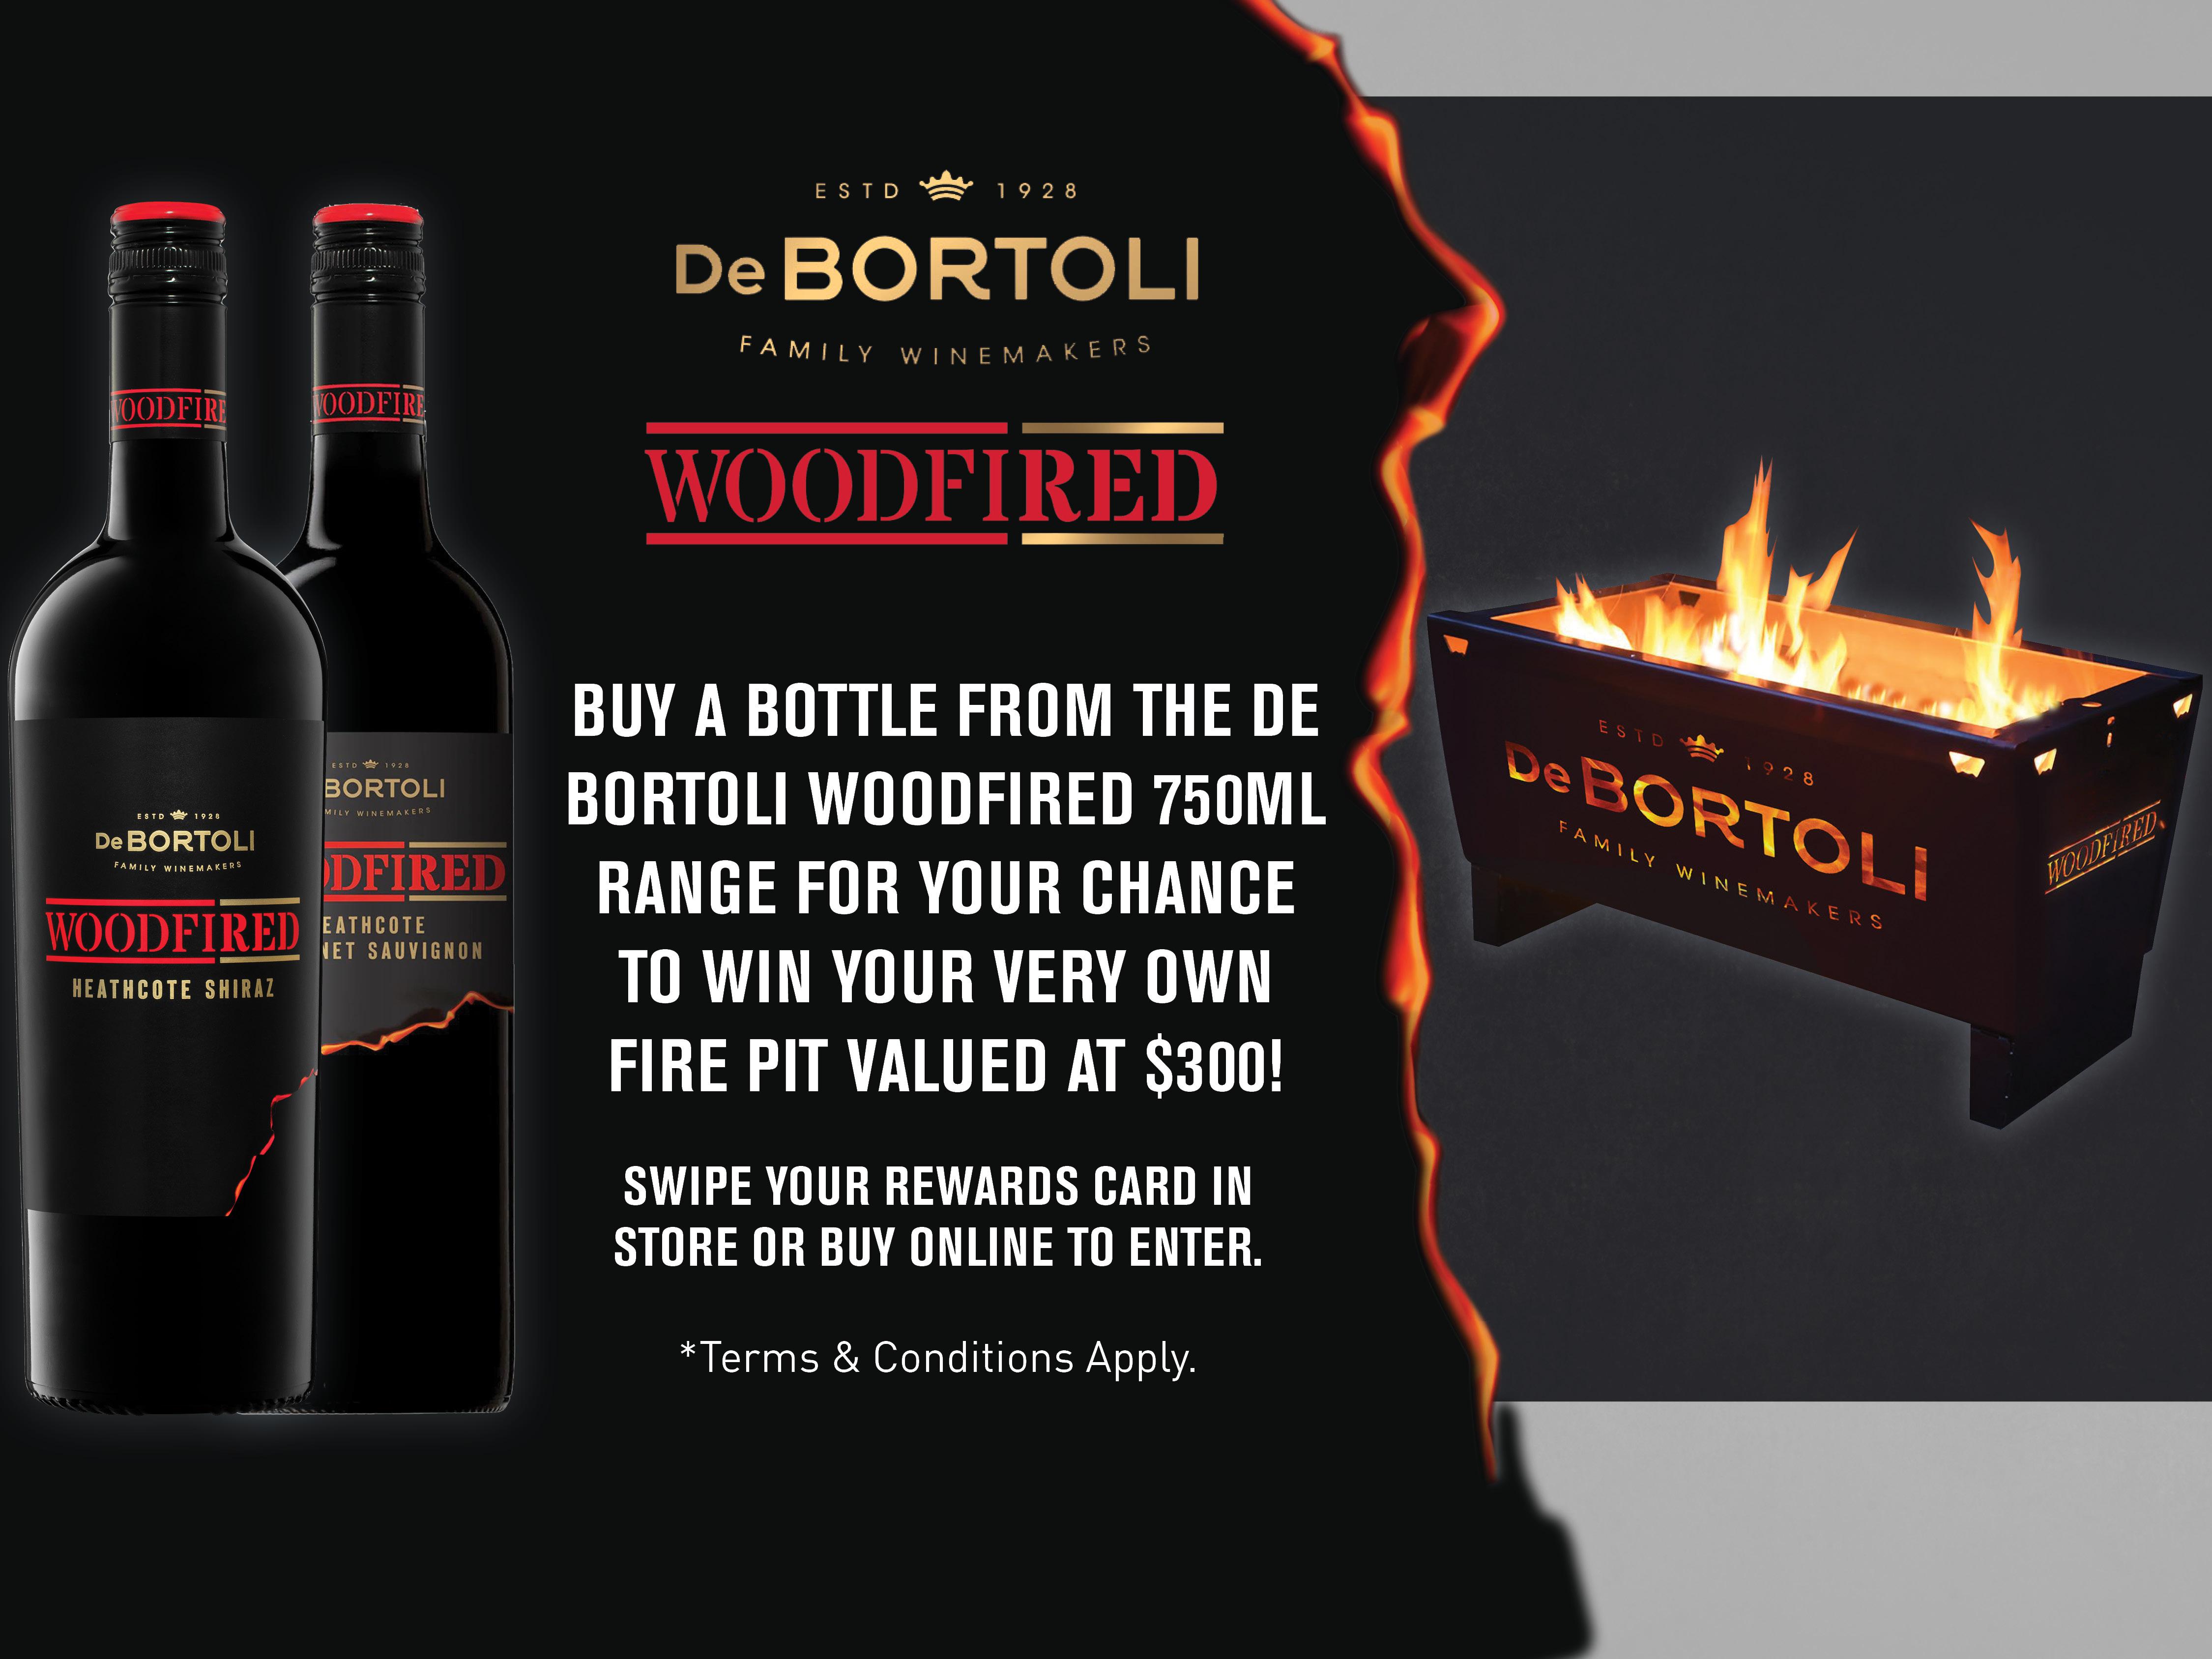 De Bortoli Competition